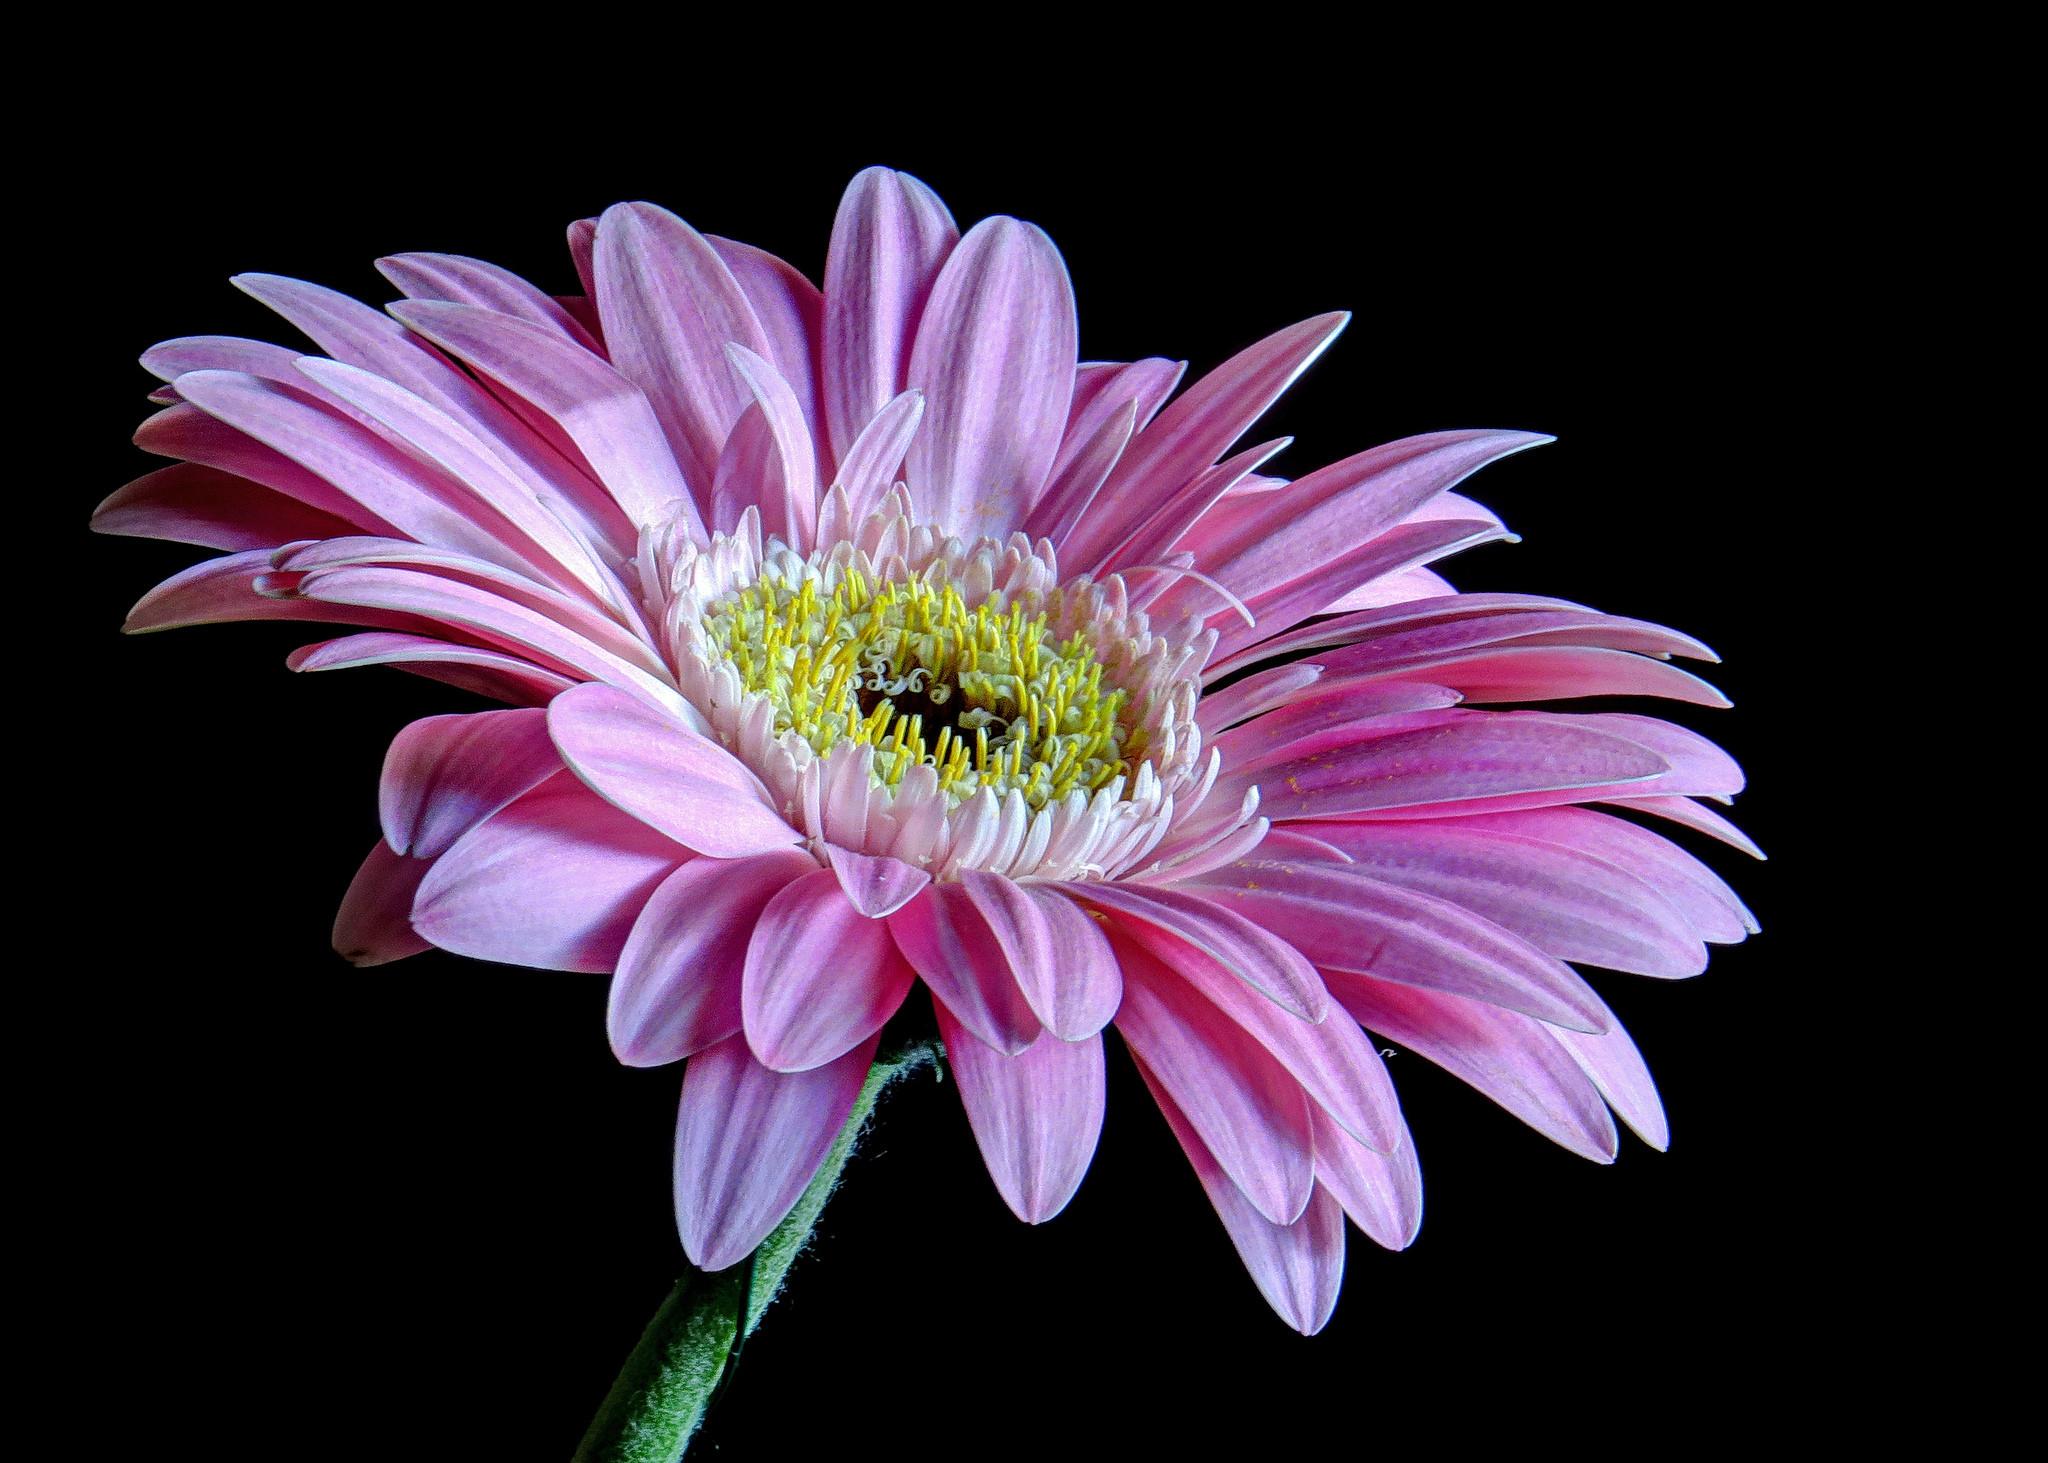 обои гербера, цветок, флора картинки фото